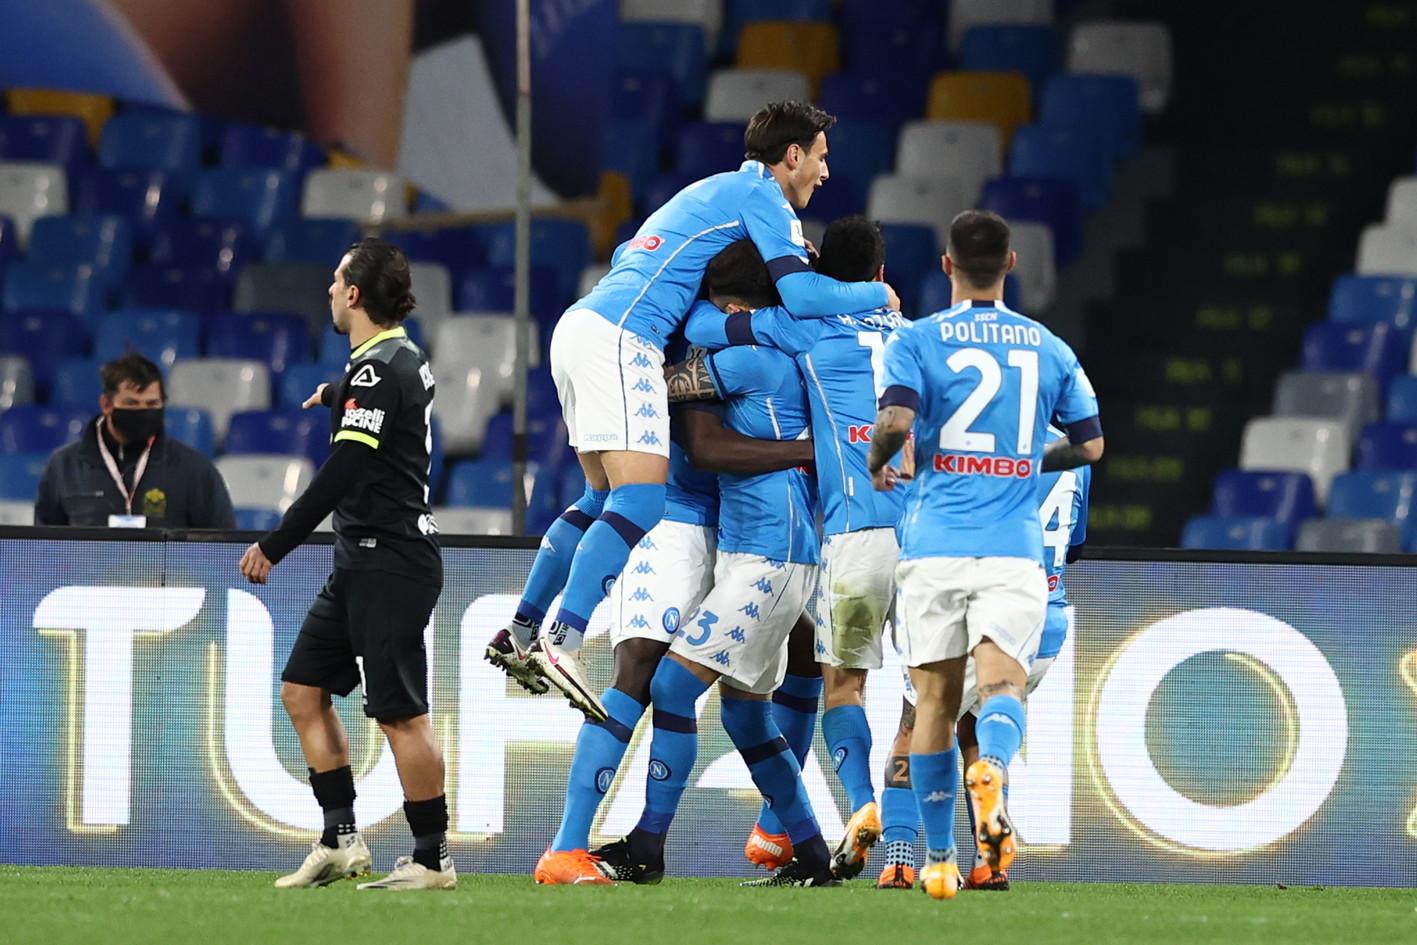 Napoli-Spezia 4-2, le migliori foto del match di Coppa Italia<br /><br />